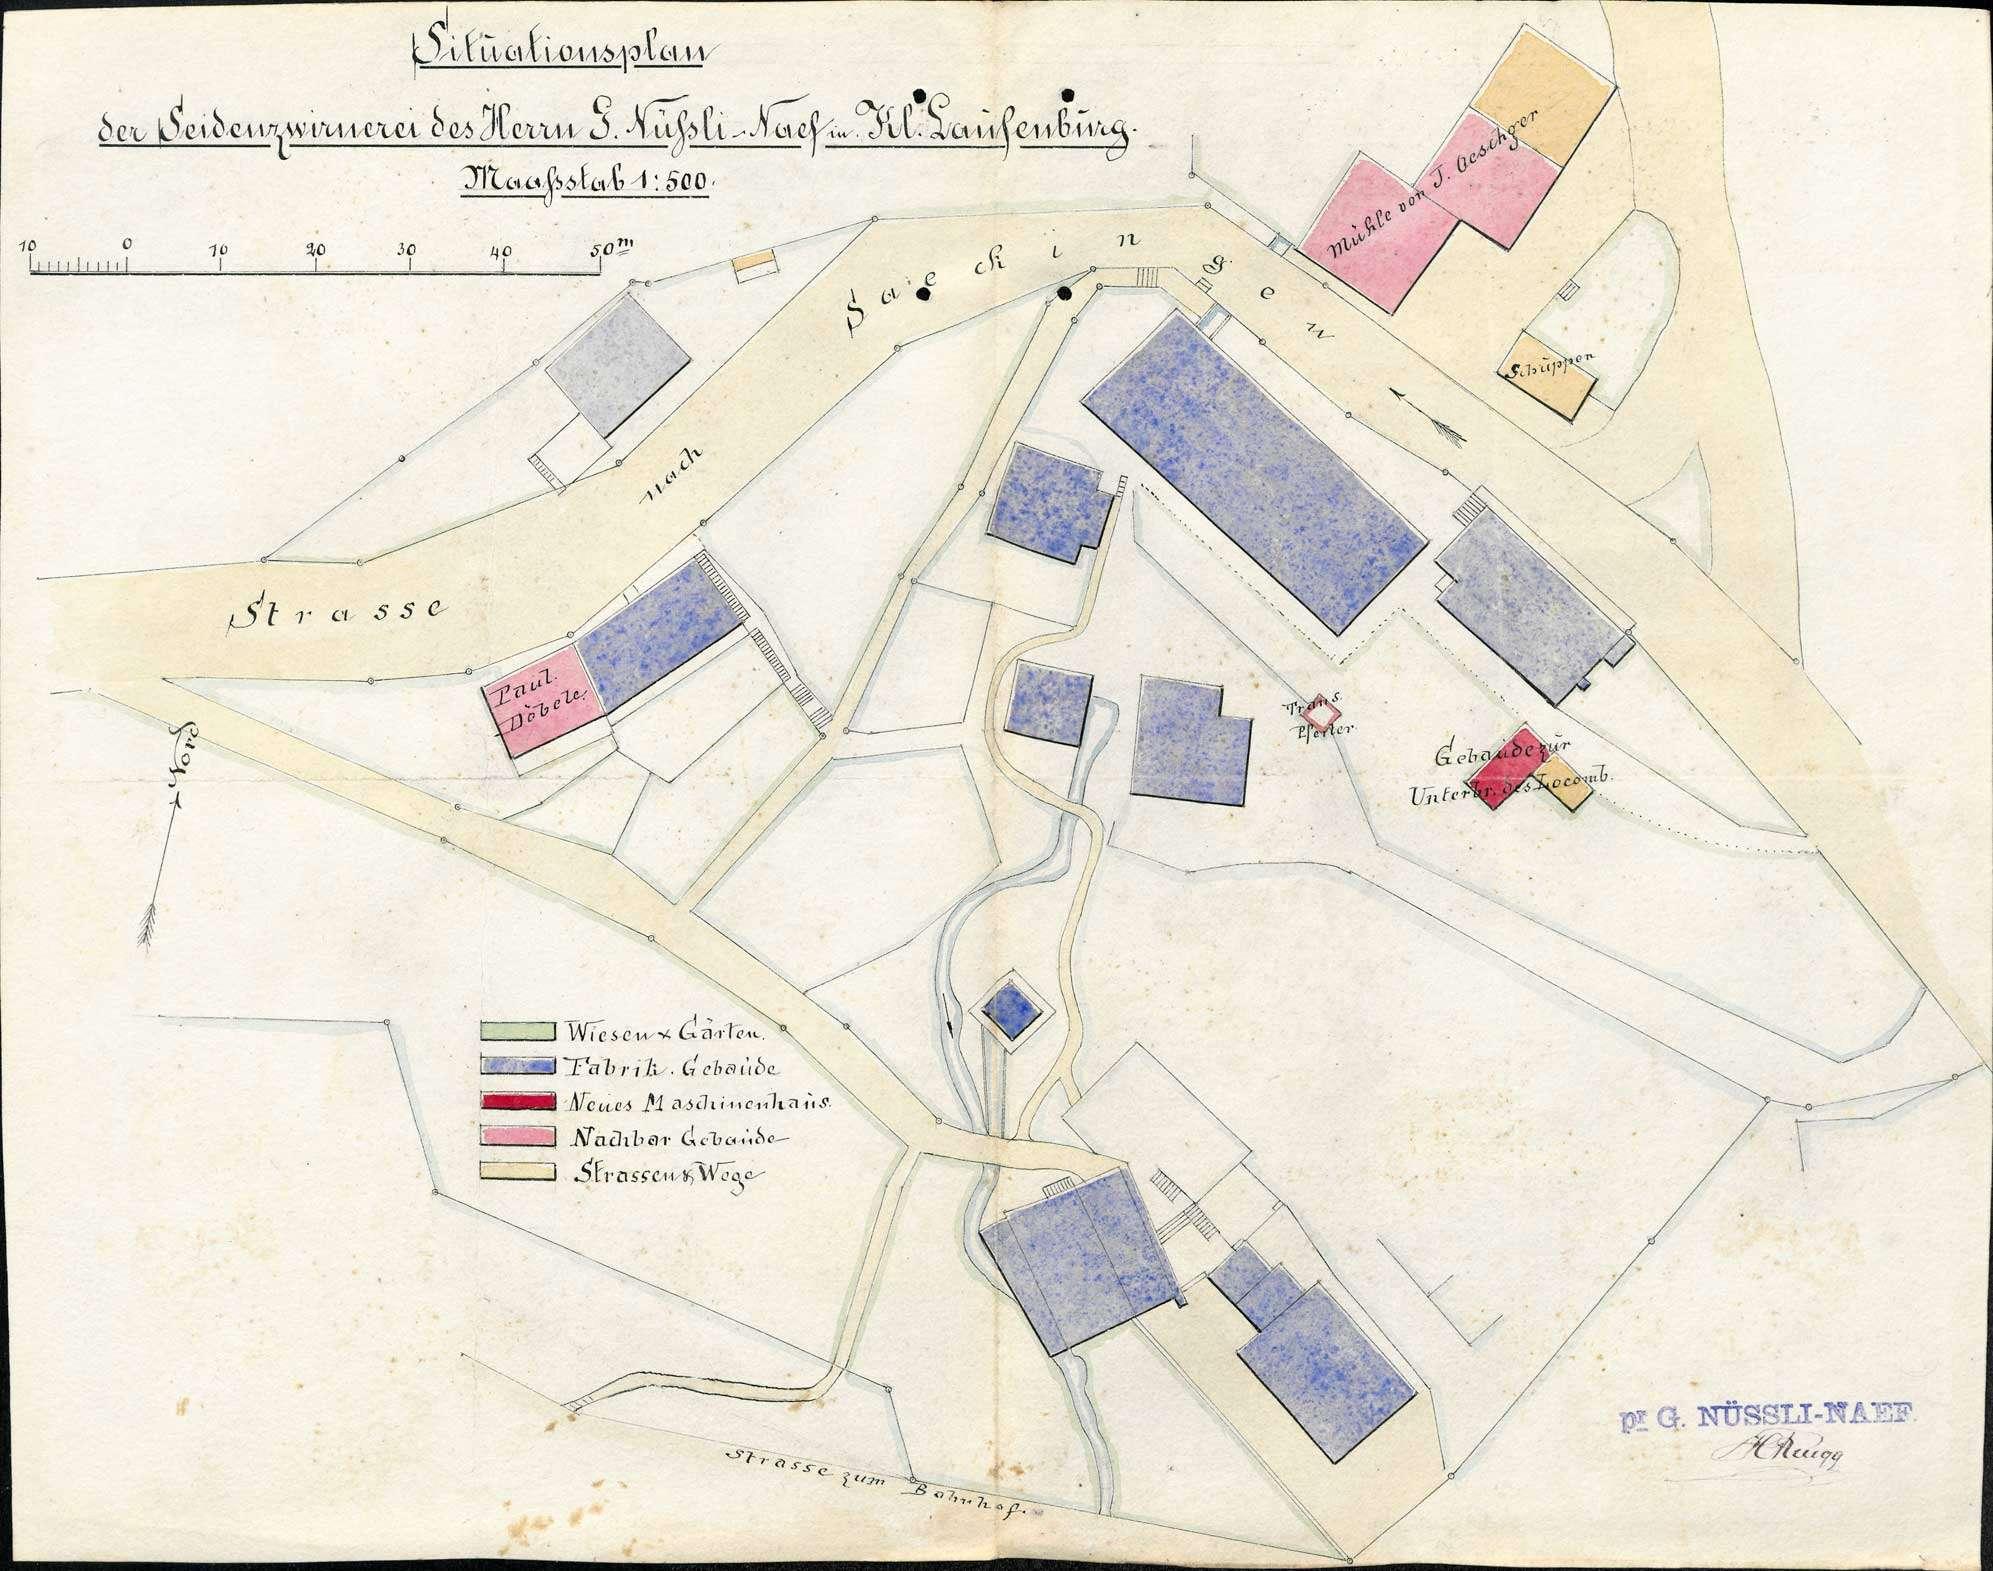 Wunderbar Startseite Dampfkessel Bilder - Der Schaltplan - triangre.info